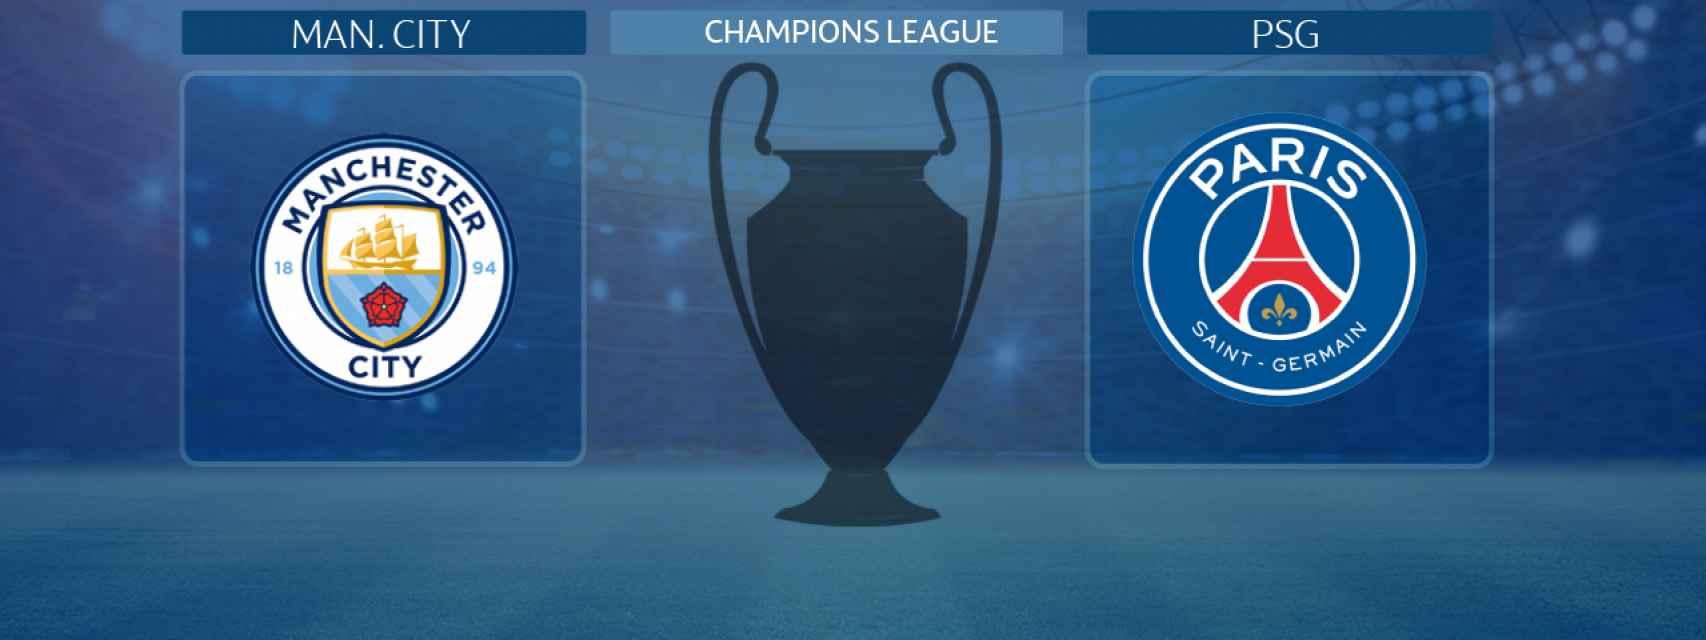 Manchester City - PSG, partido de la Champions League